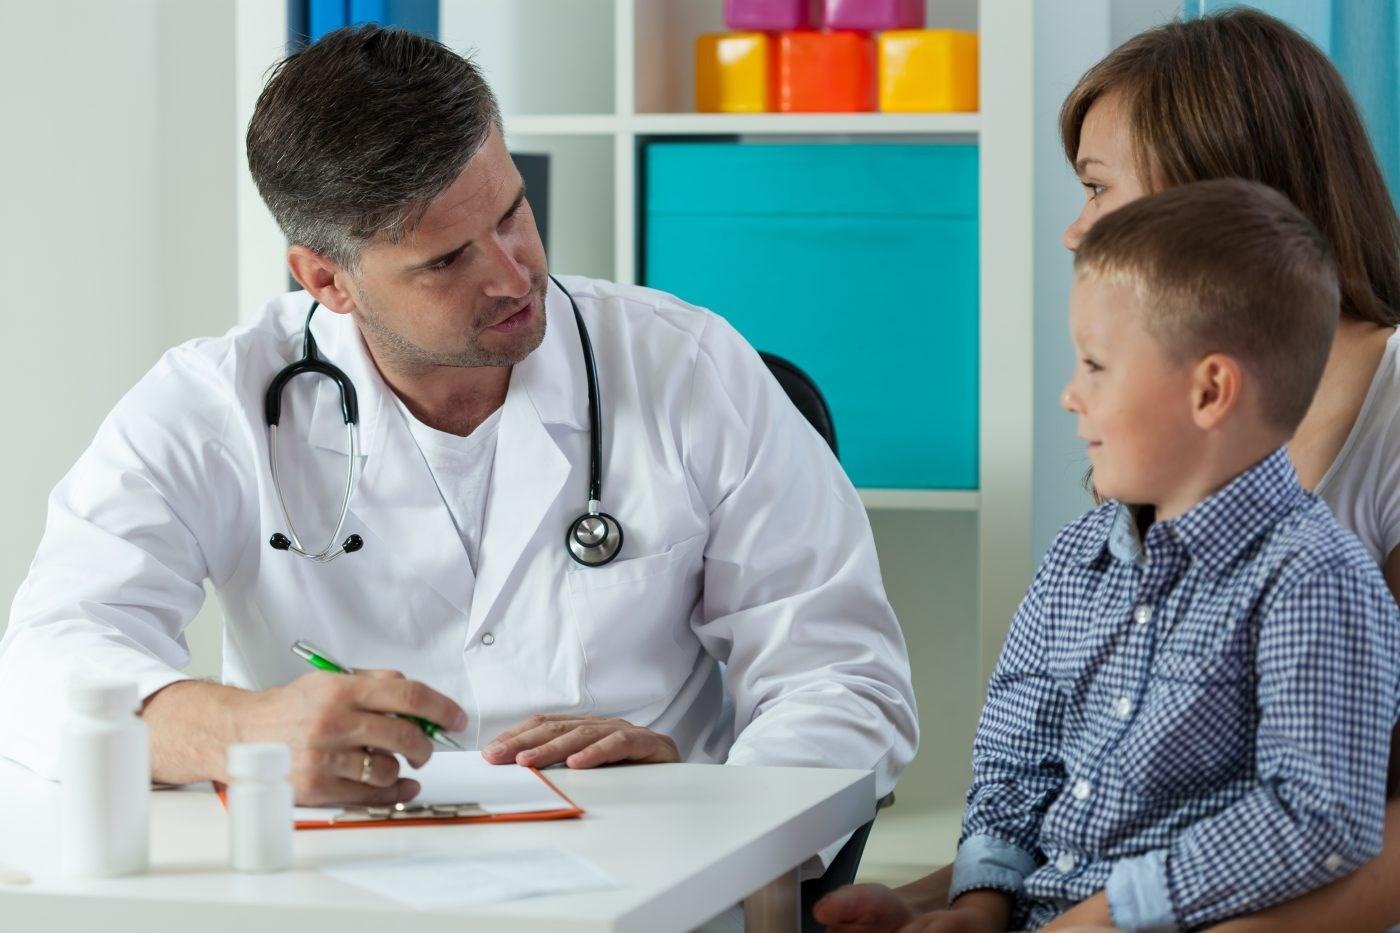 Фимоз. методы лечения: операции, мази, народные методы